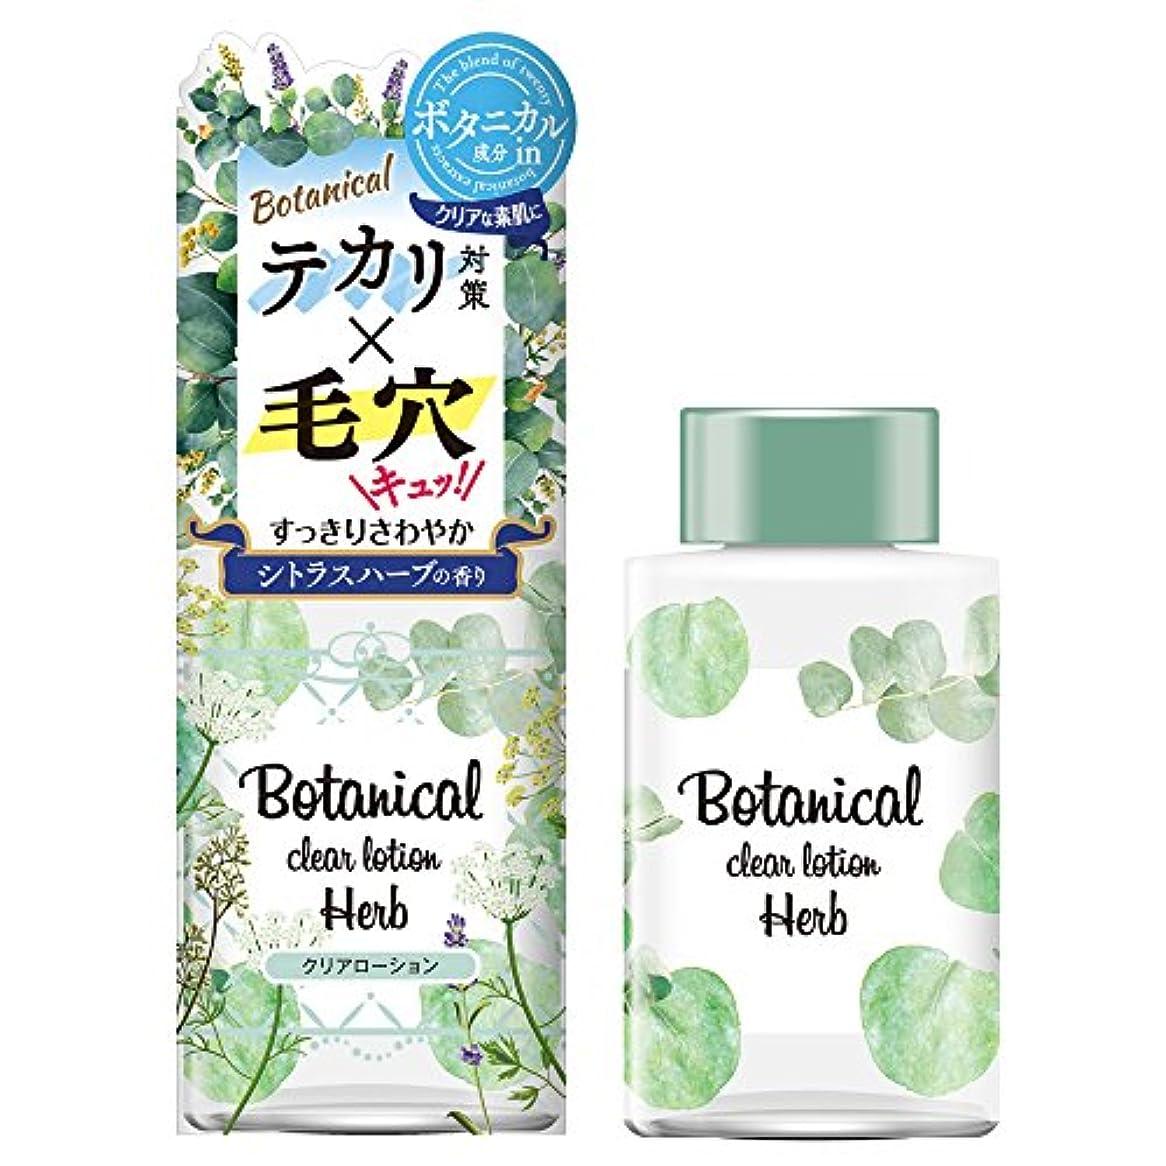 彼らのもの大使館にじみ出るボタニカル クリアローション シトラスハーブの香り